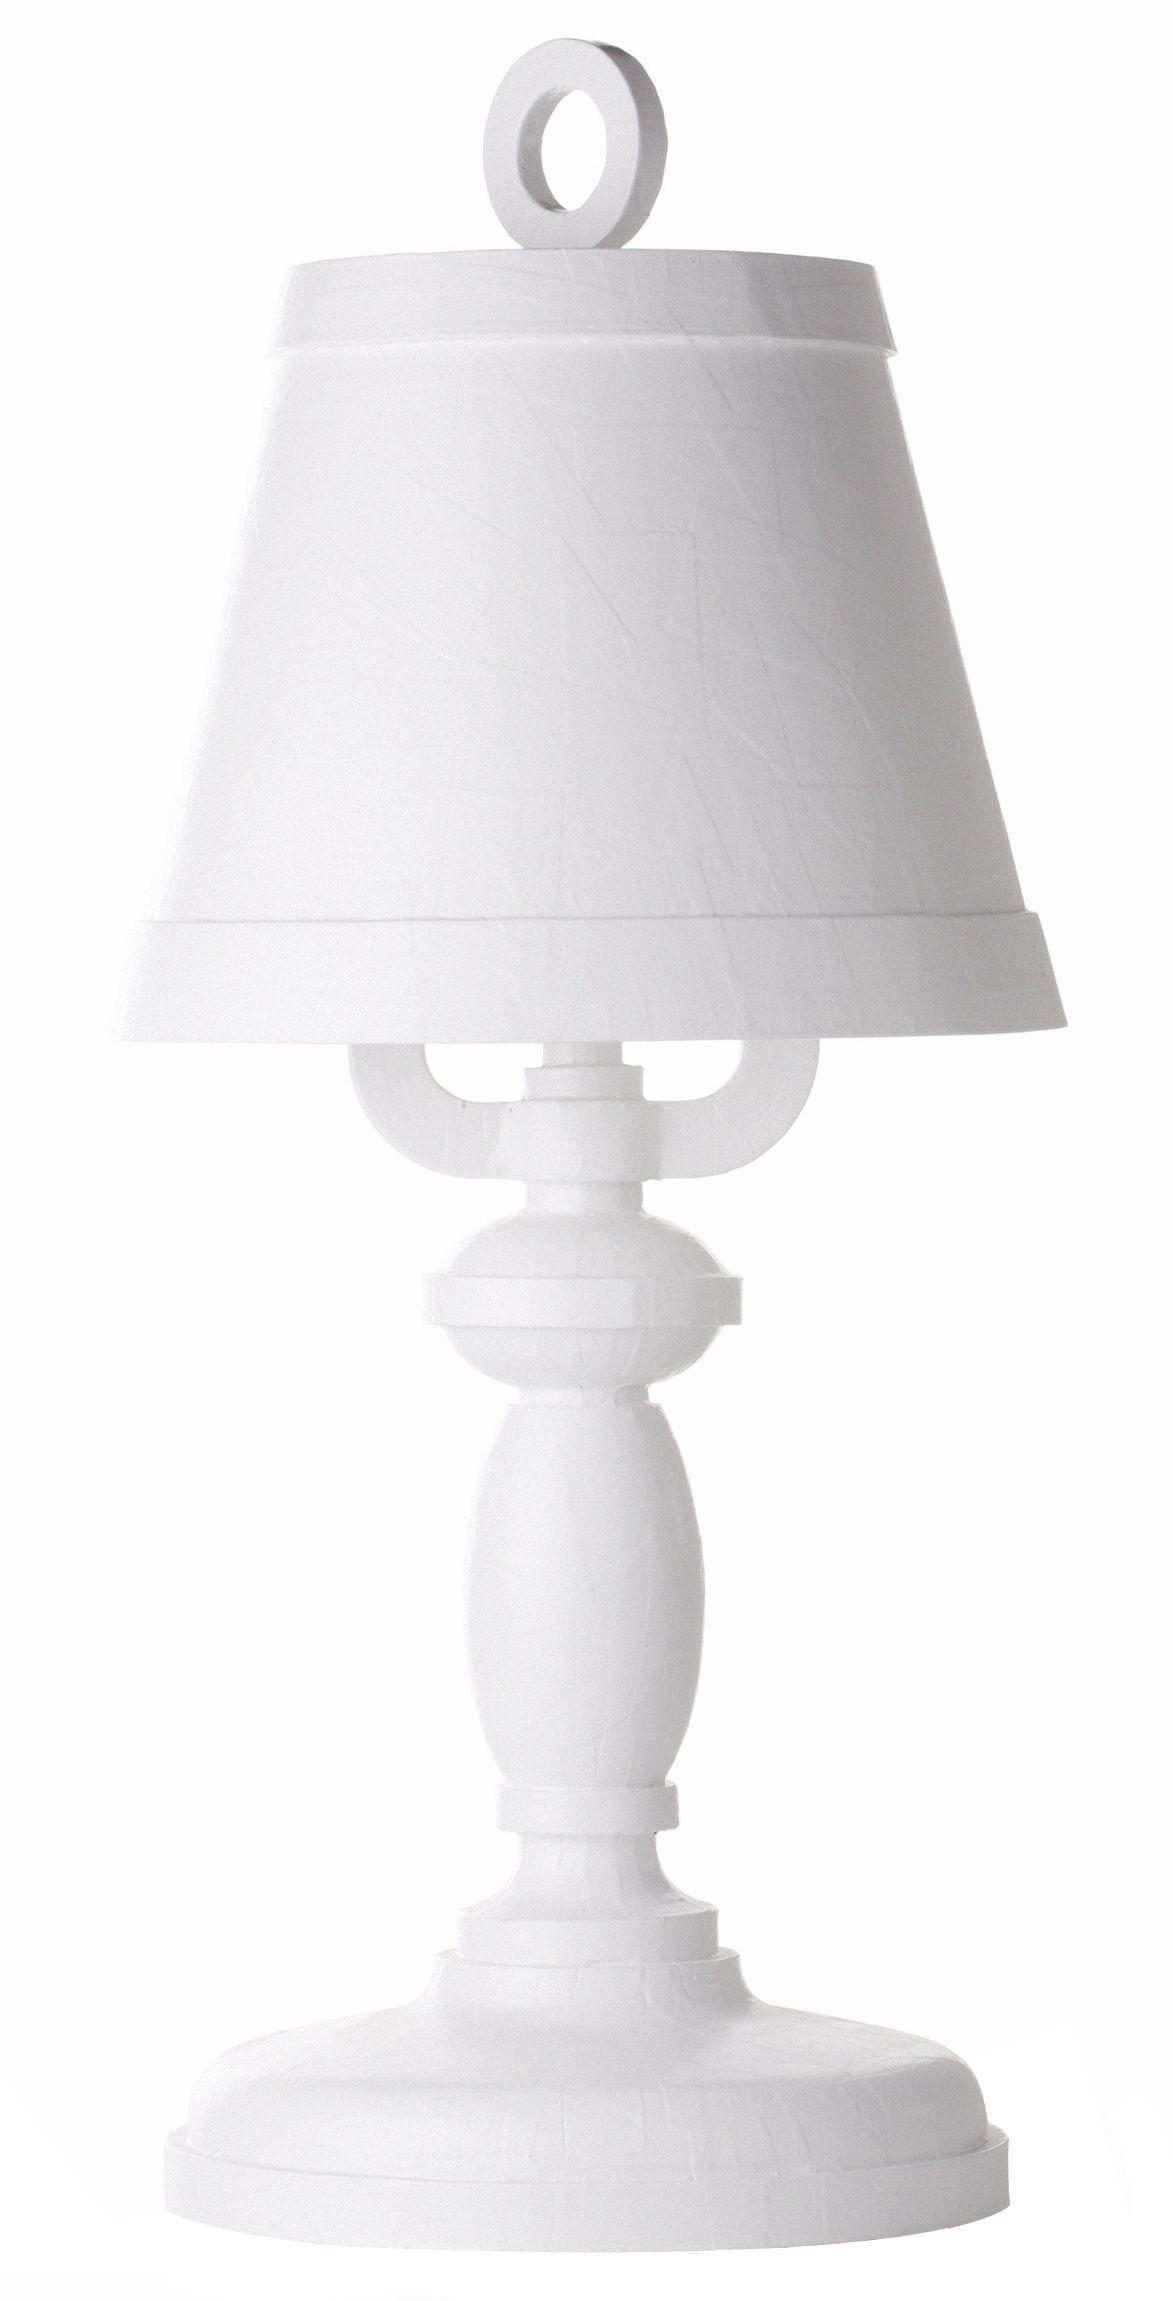 Luminaire - Lampes de table - Lampe de table Paper H 84 cm - Moooi - Blanc - Carton, Papier